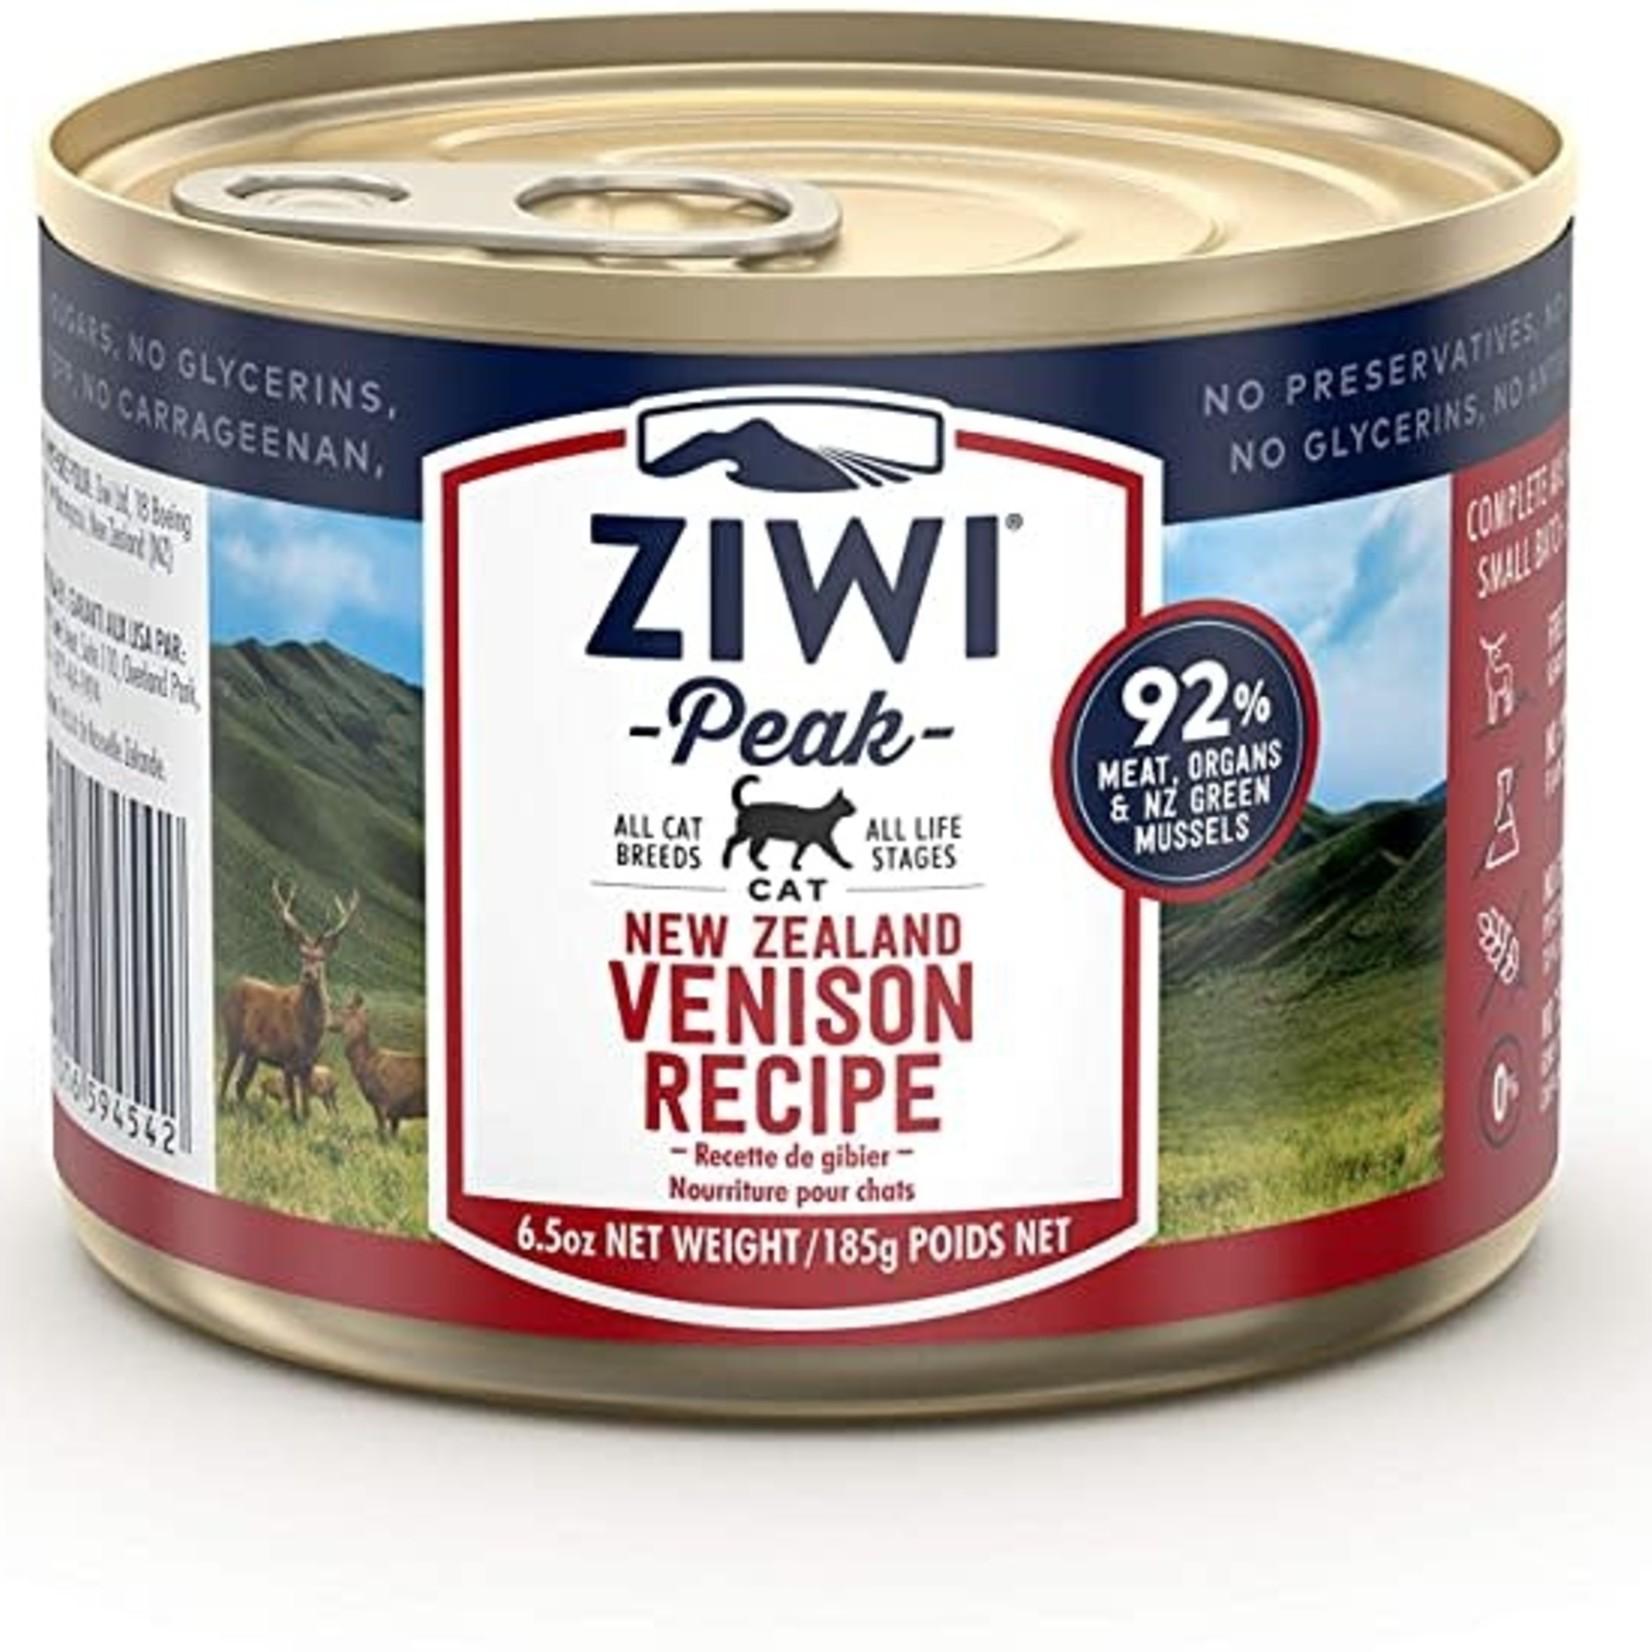 Ziwi Peak Ziwi Peak Cat Grain Free Venison 6.5 OZ